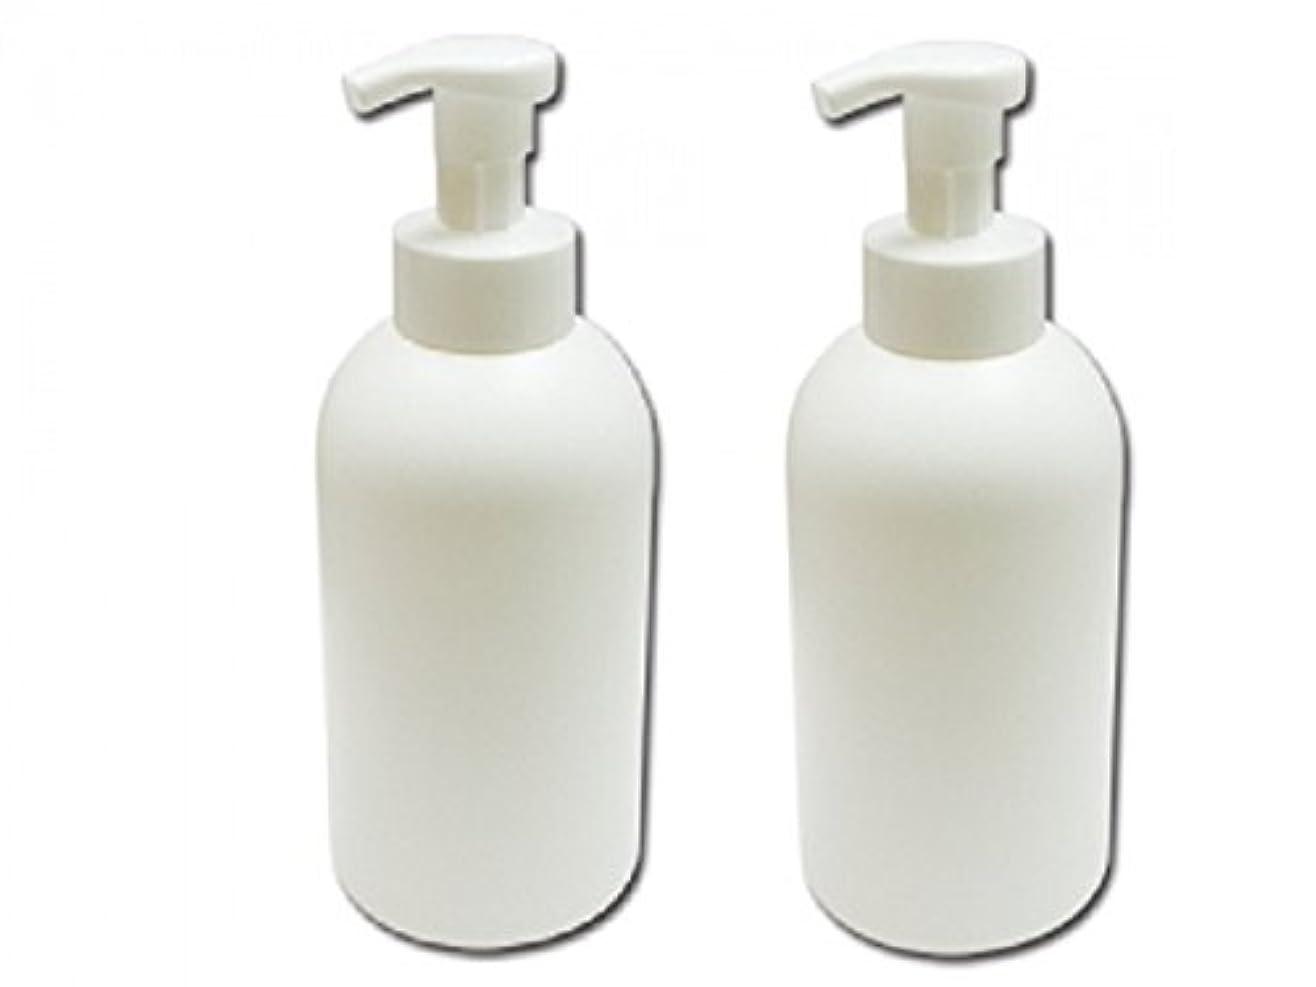 レジデンス酸っぱい弱点泡立てポンプボトル800ml 泡で出てくる詰め替え容器泡立ちソープディスペンサー 液体石鹸、シャンプーボディーソープの詰め替えに 泡フォームポンプ容器 液体せっけん等の小分けに[2個セット]